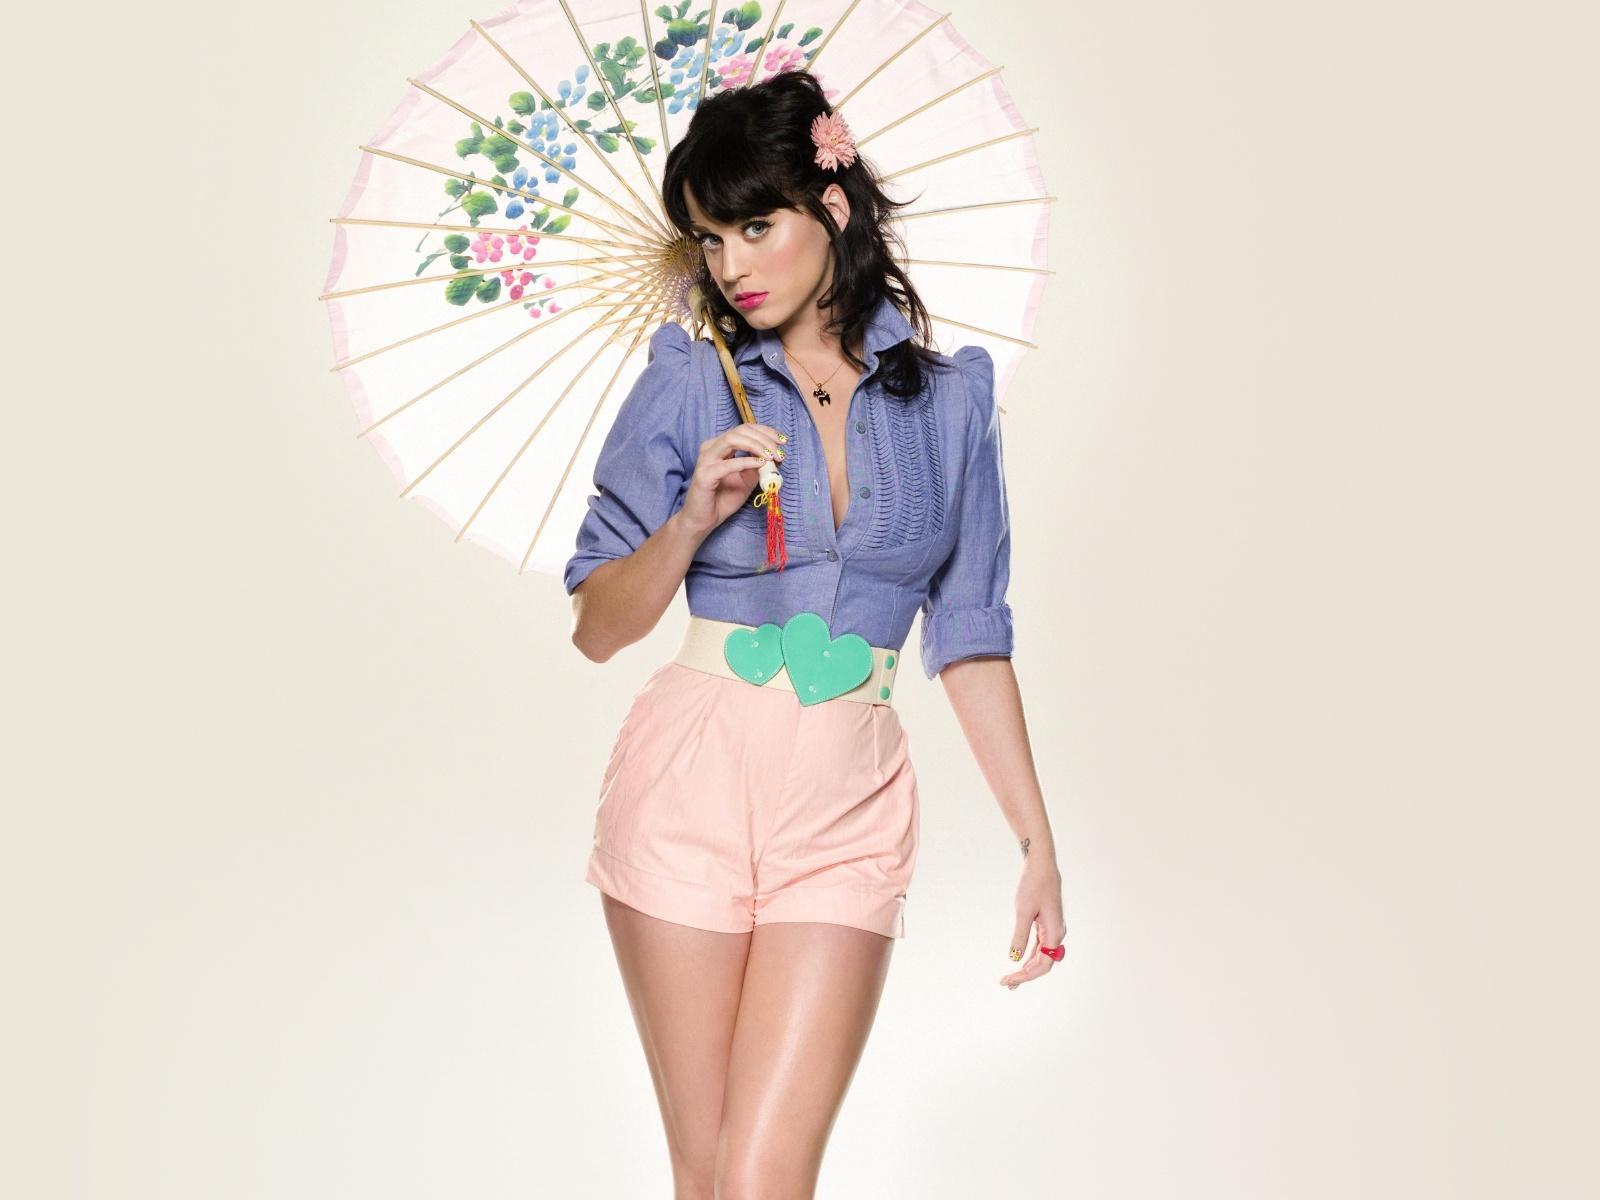 Blue,blouse pink shorts green heart belt & sun brolly